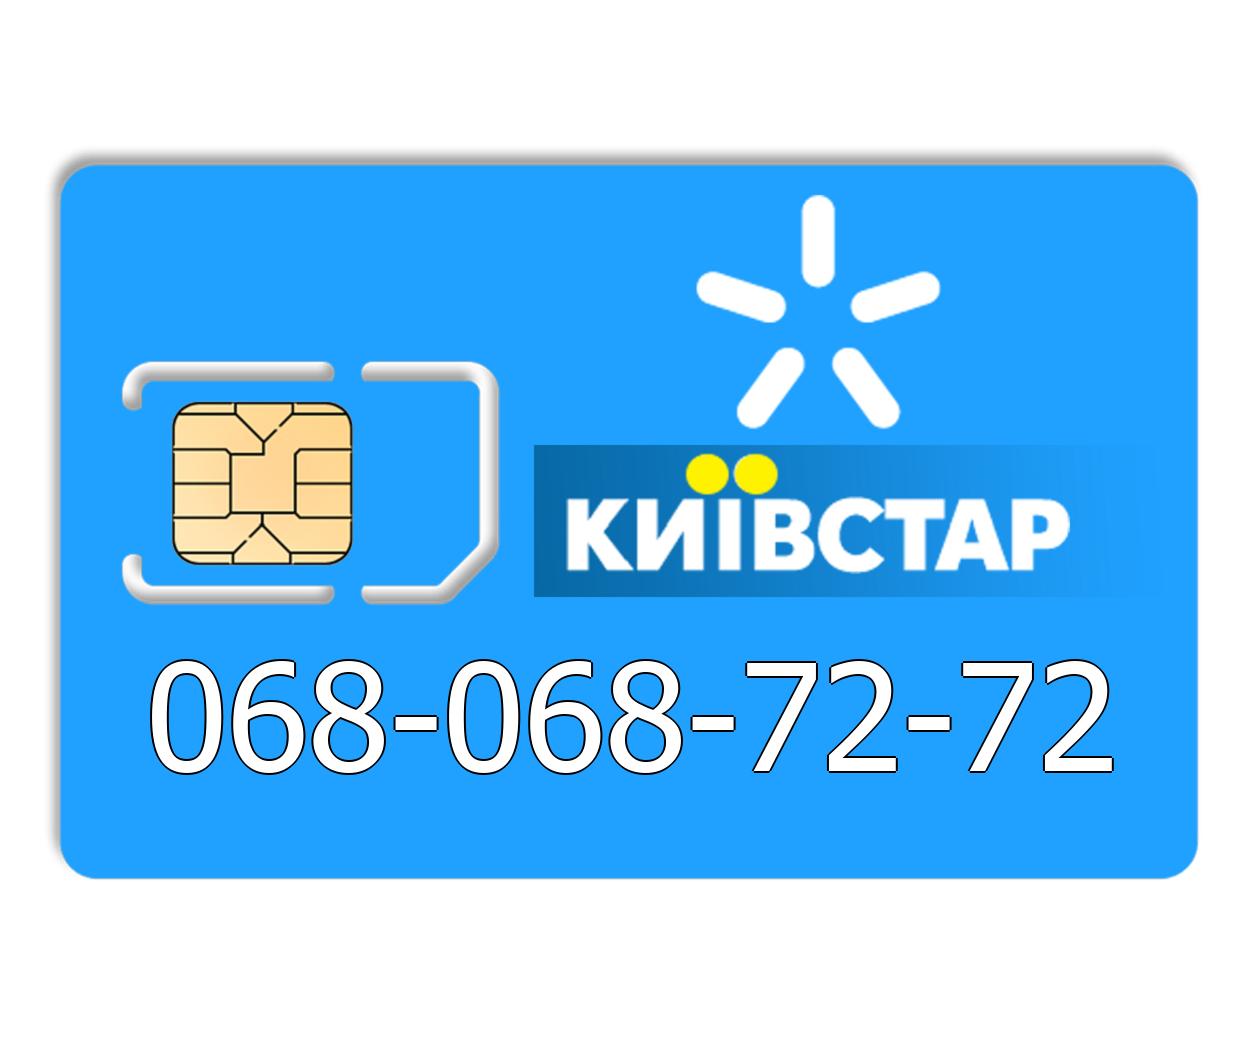 Красивый номер Киевстар 068-068-72-72